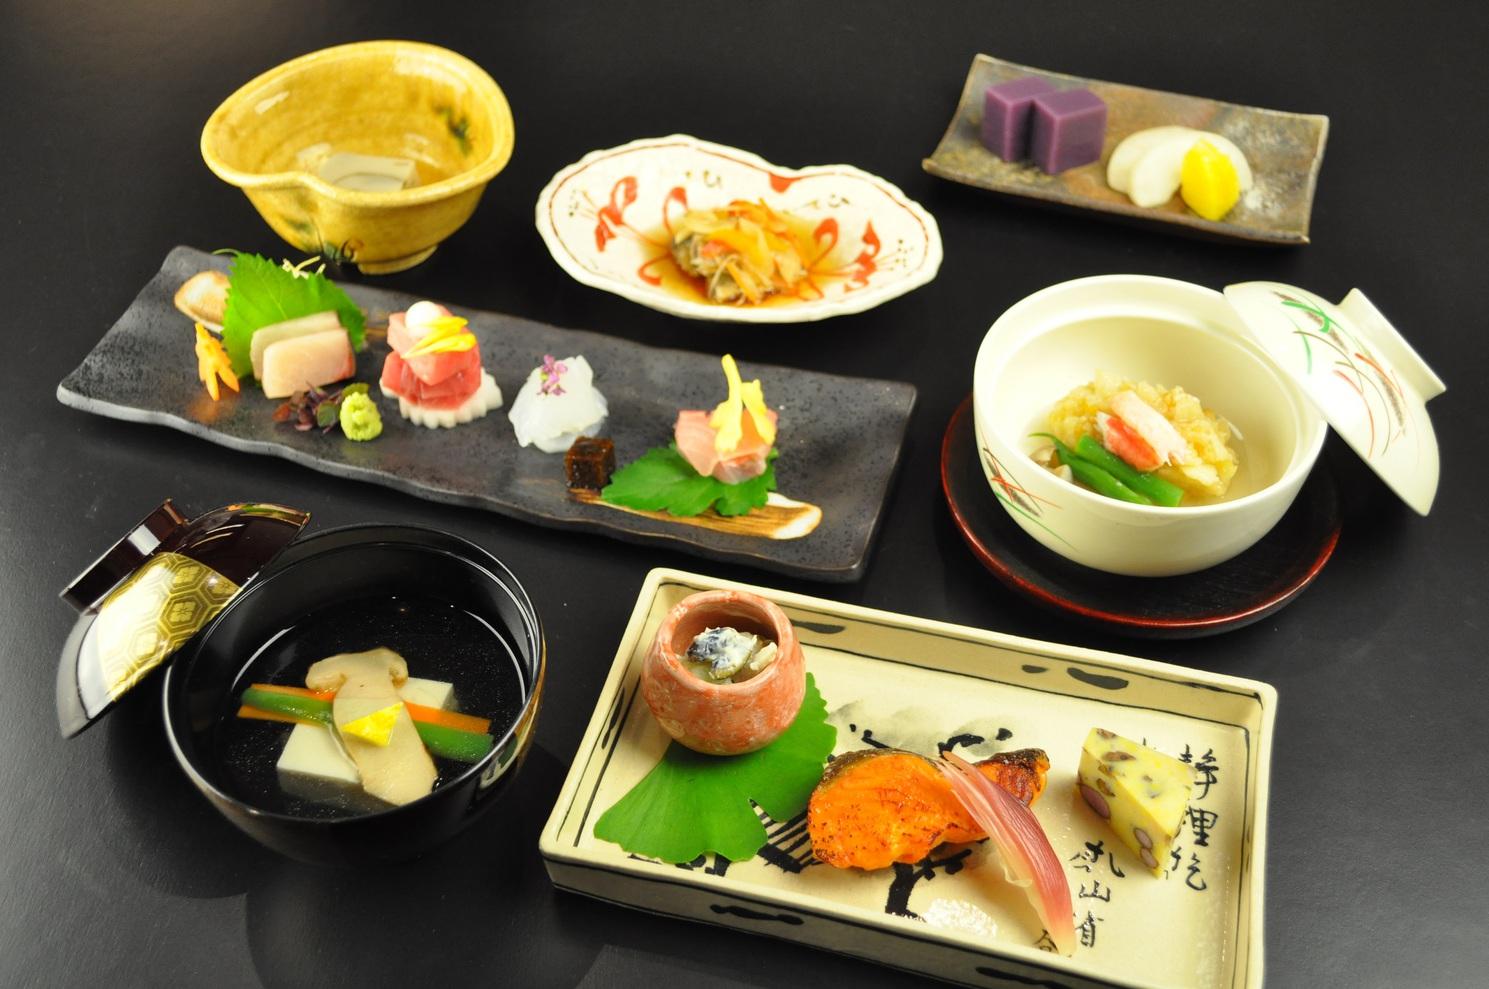 和食会席【樂〜かなで〜】 ※季節や仕入れ状況に応じて内容にはご変更がございます。